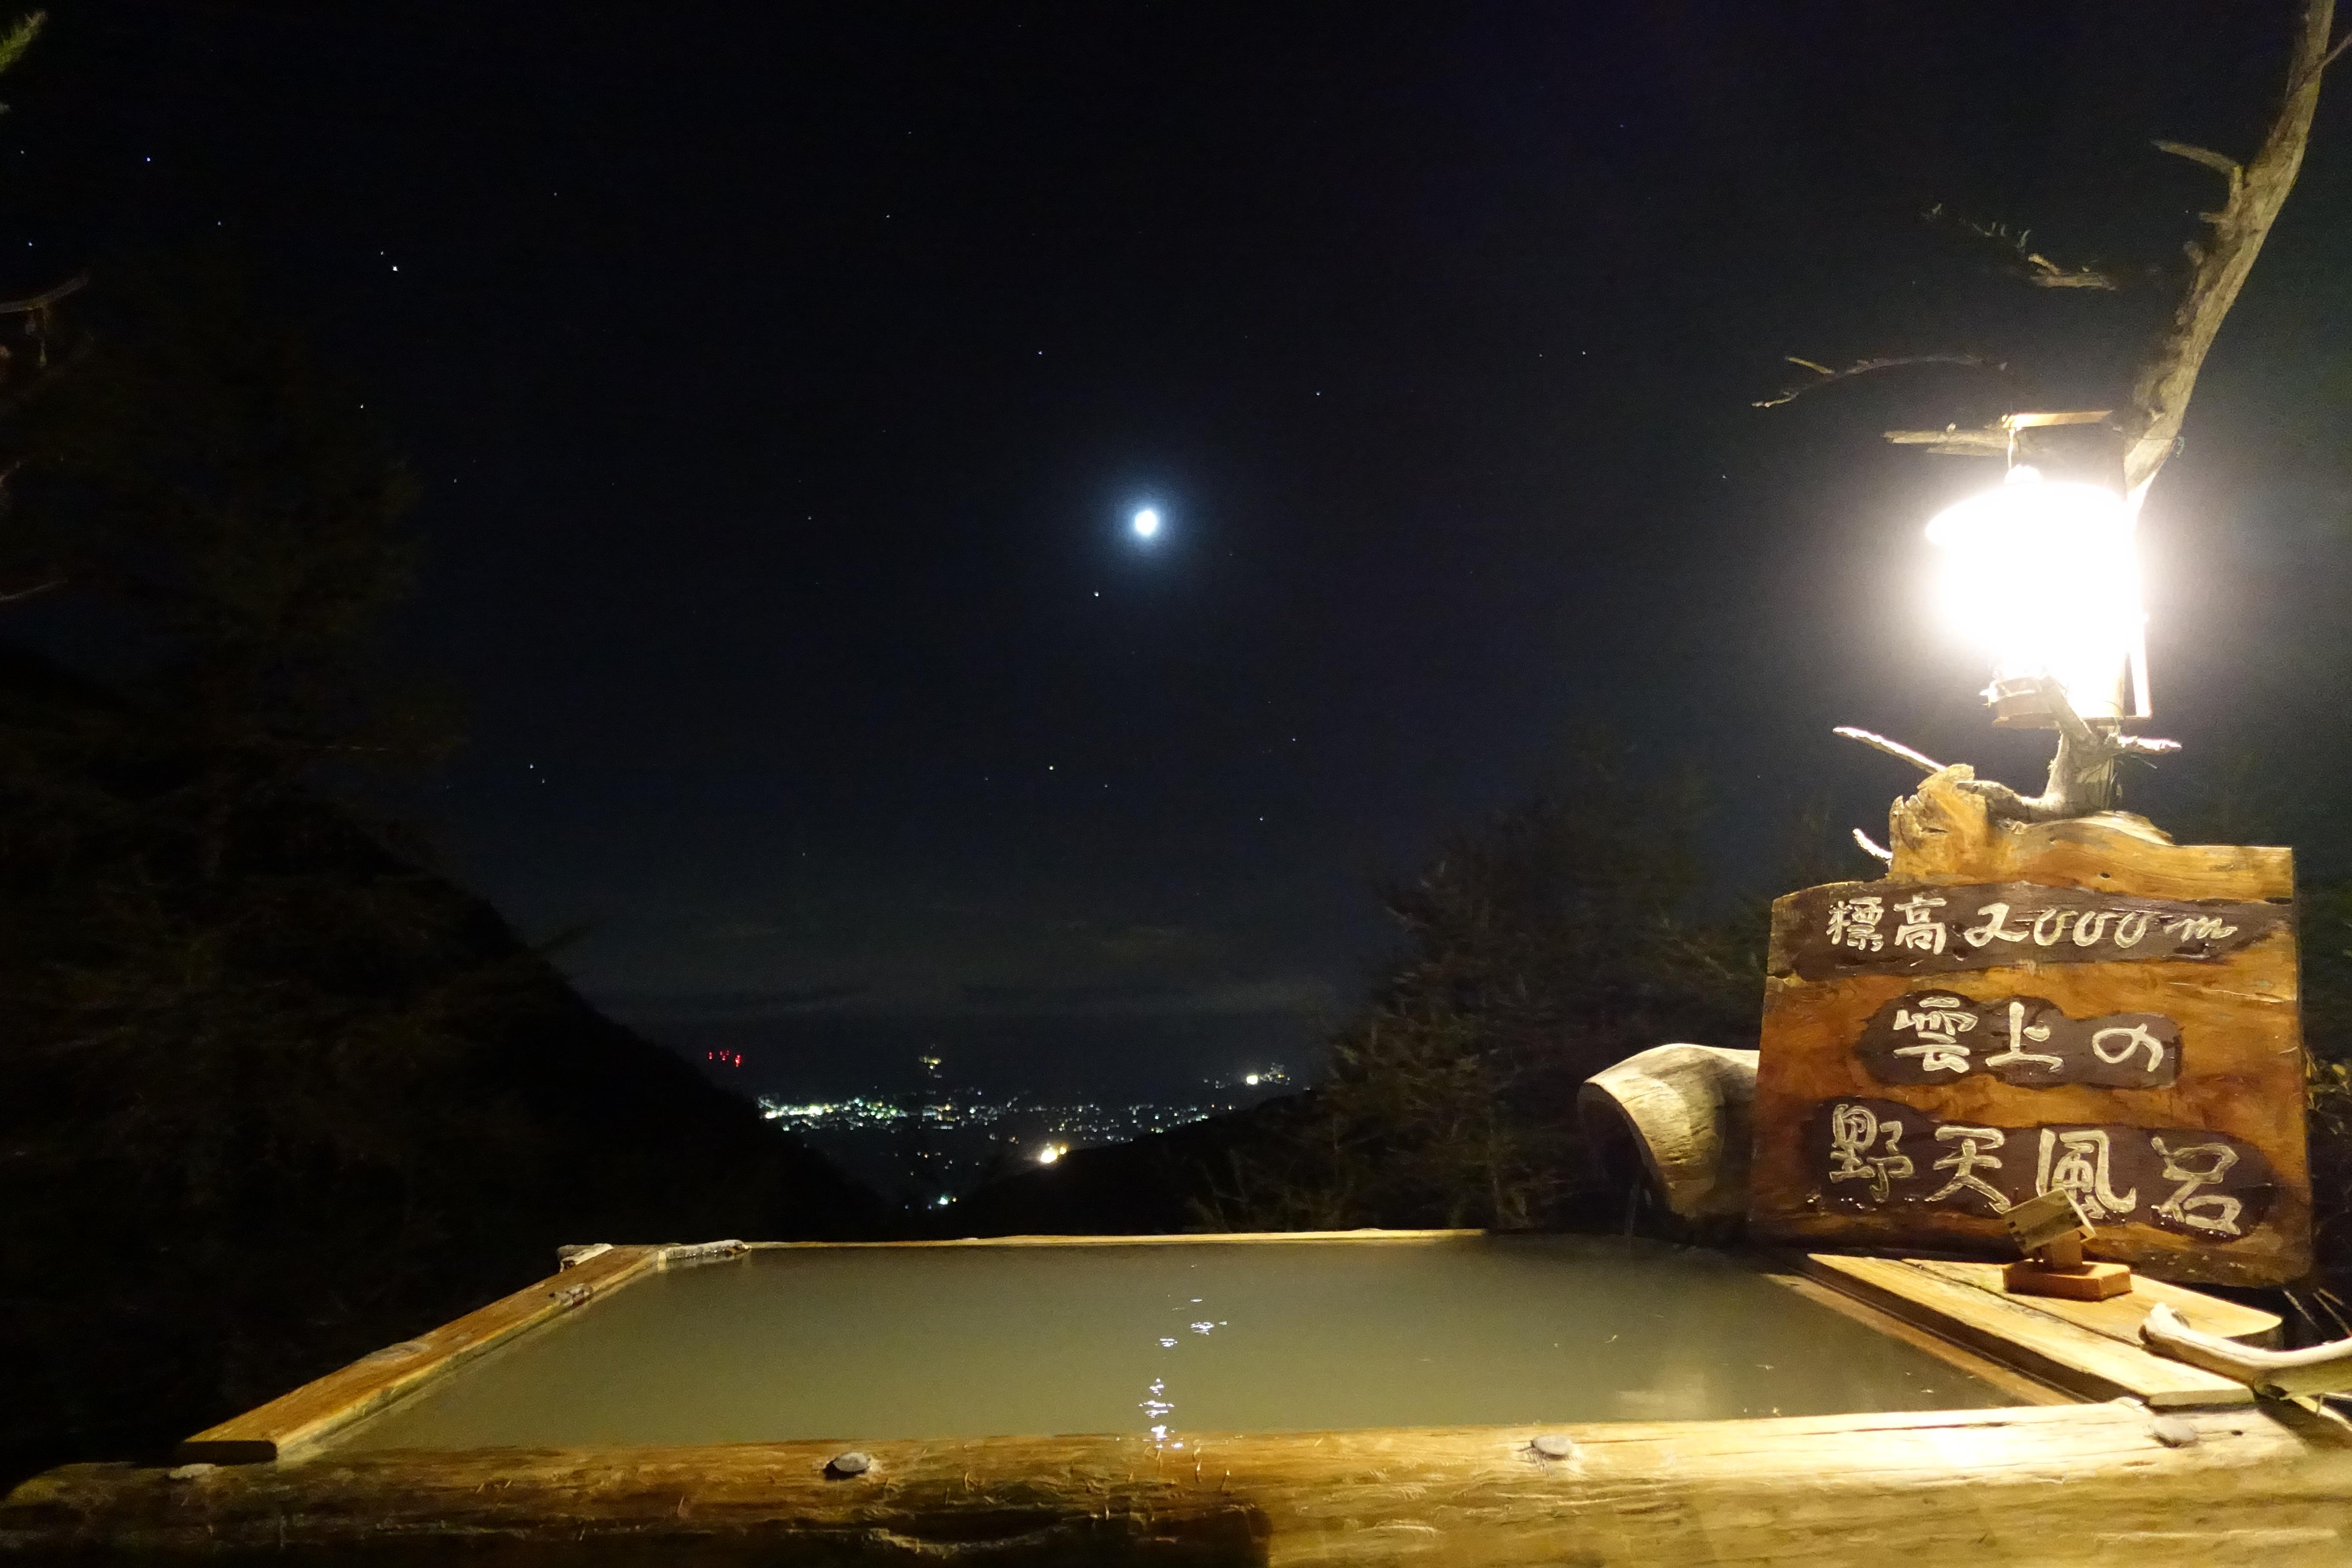 星と望遠鏡 野天風呂月 052